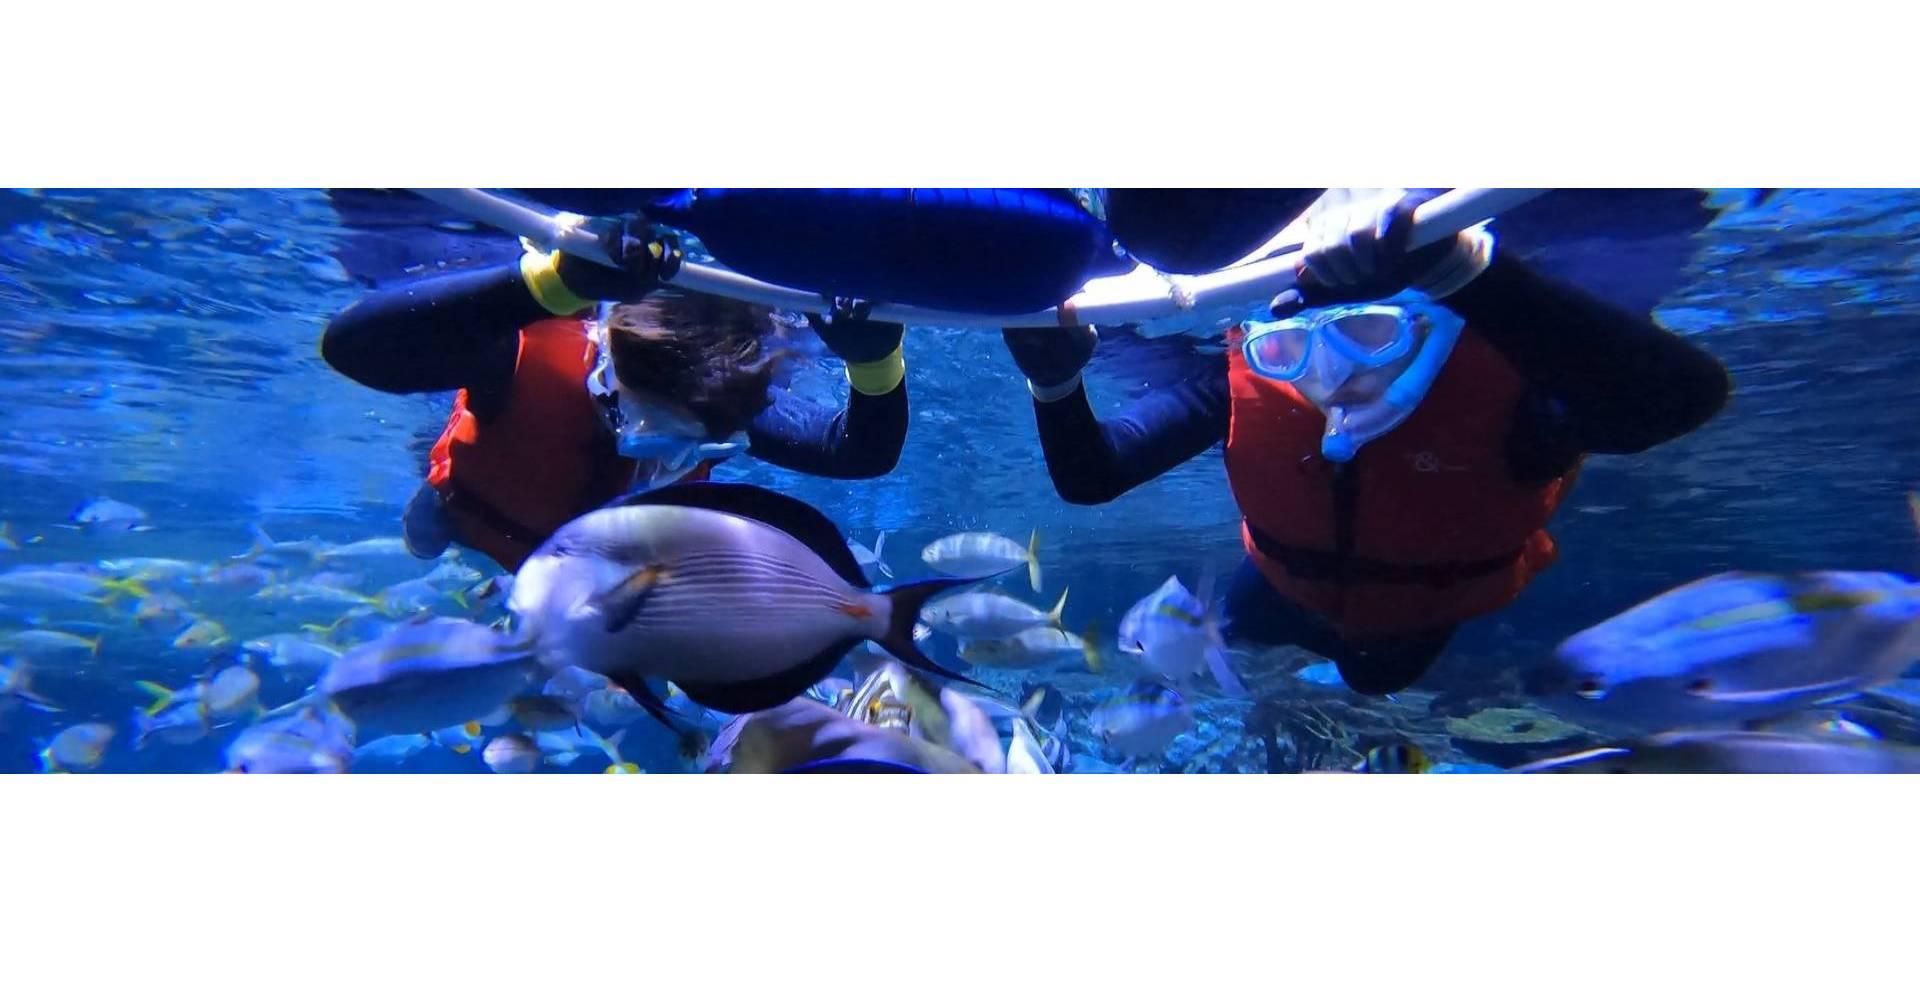 https://media.oceanpark.com.hk/files/s3fs-public/FFFO-inner.jpg